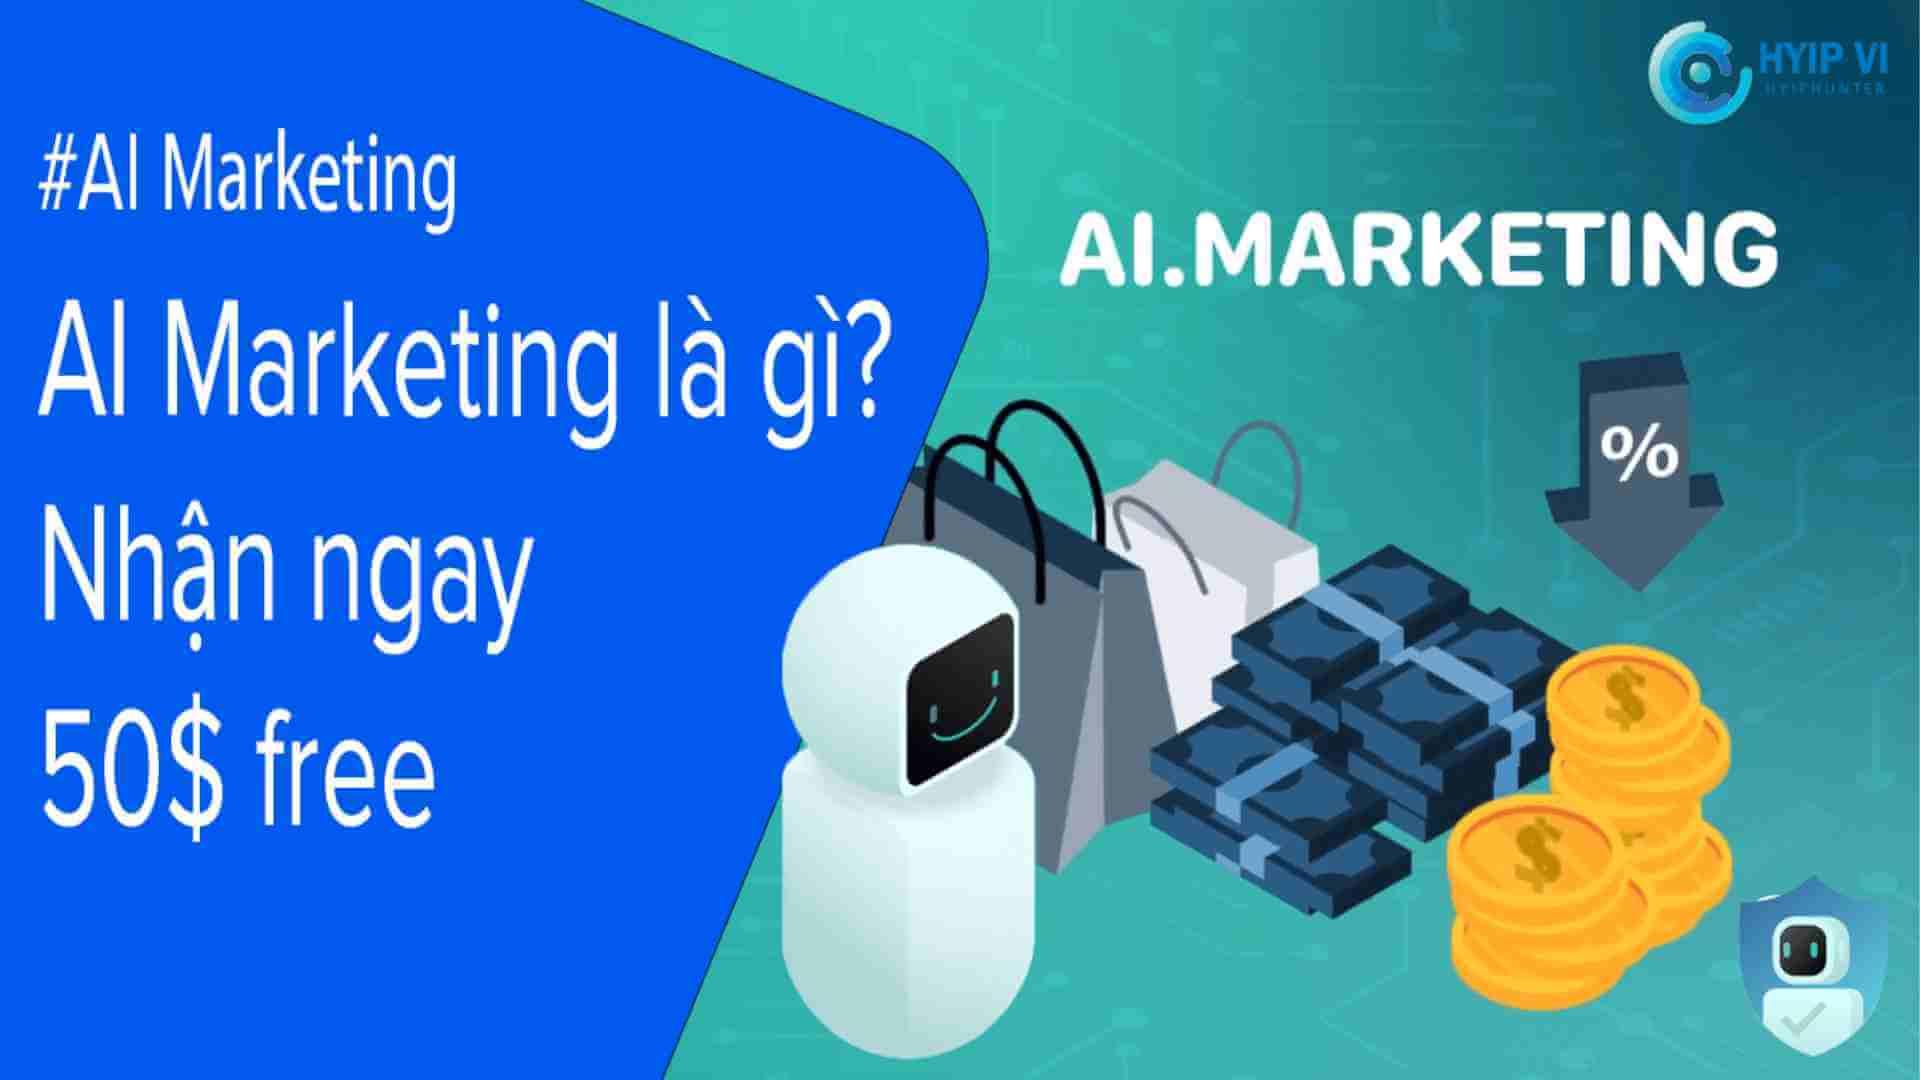 AI Marketing là gì | Nhận 50$ free | Hướng dẫn từ A-Z | AI Marketing review